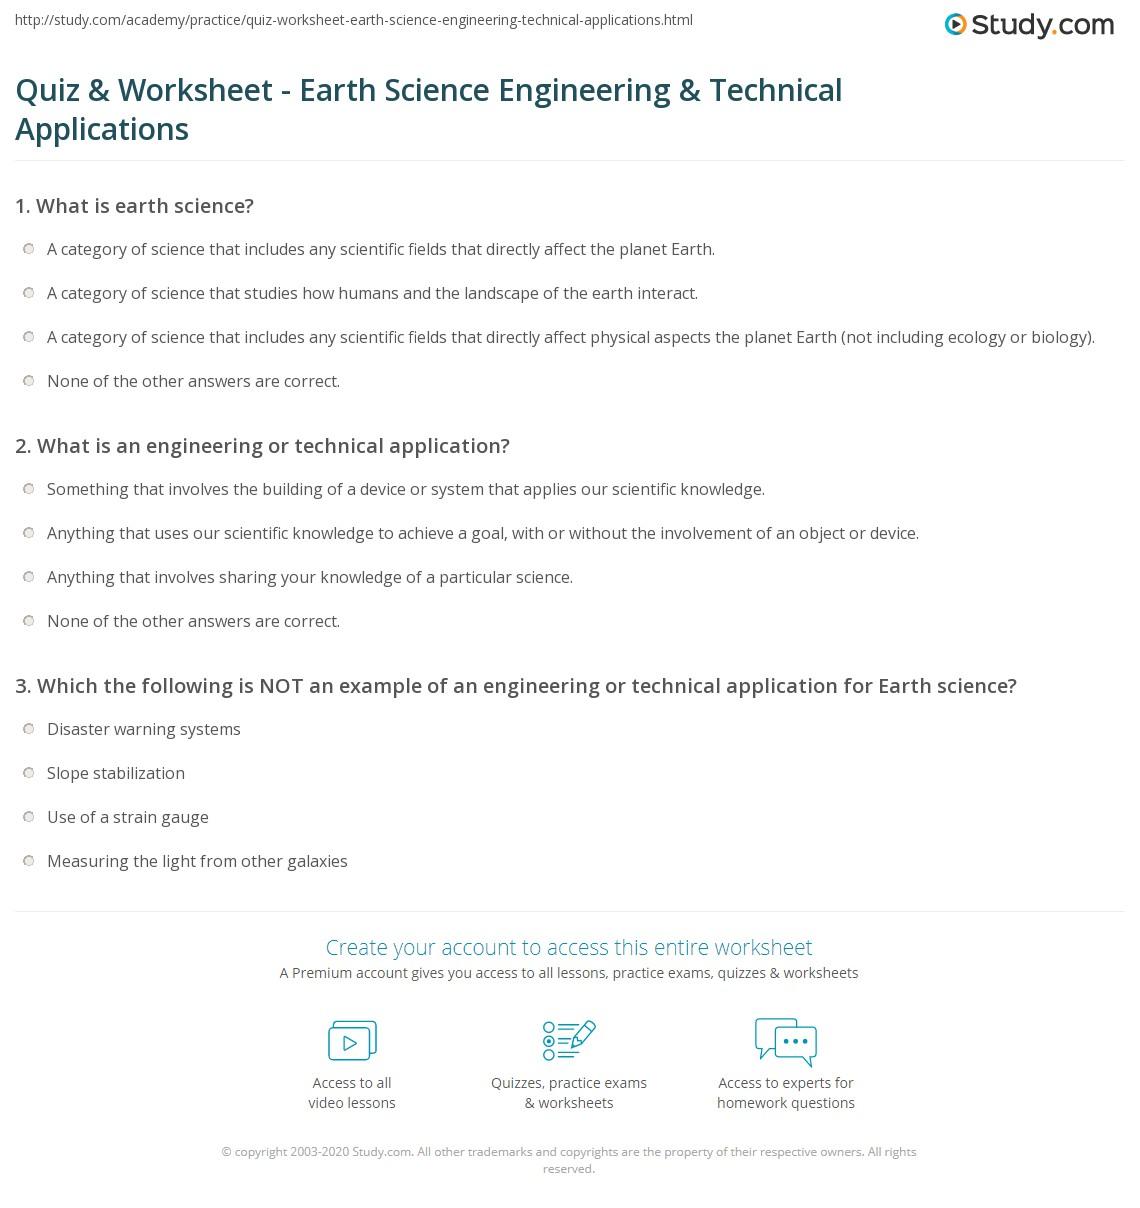 worksheet Planet Earth Freshwater Worksheet quiz worksheet earth science engineering technical print applications for worksheet